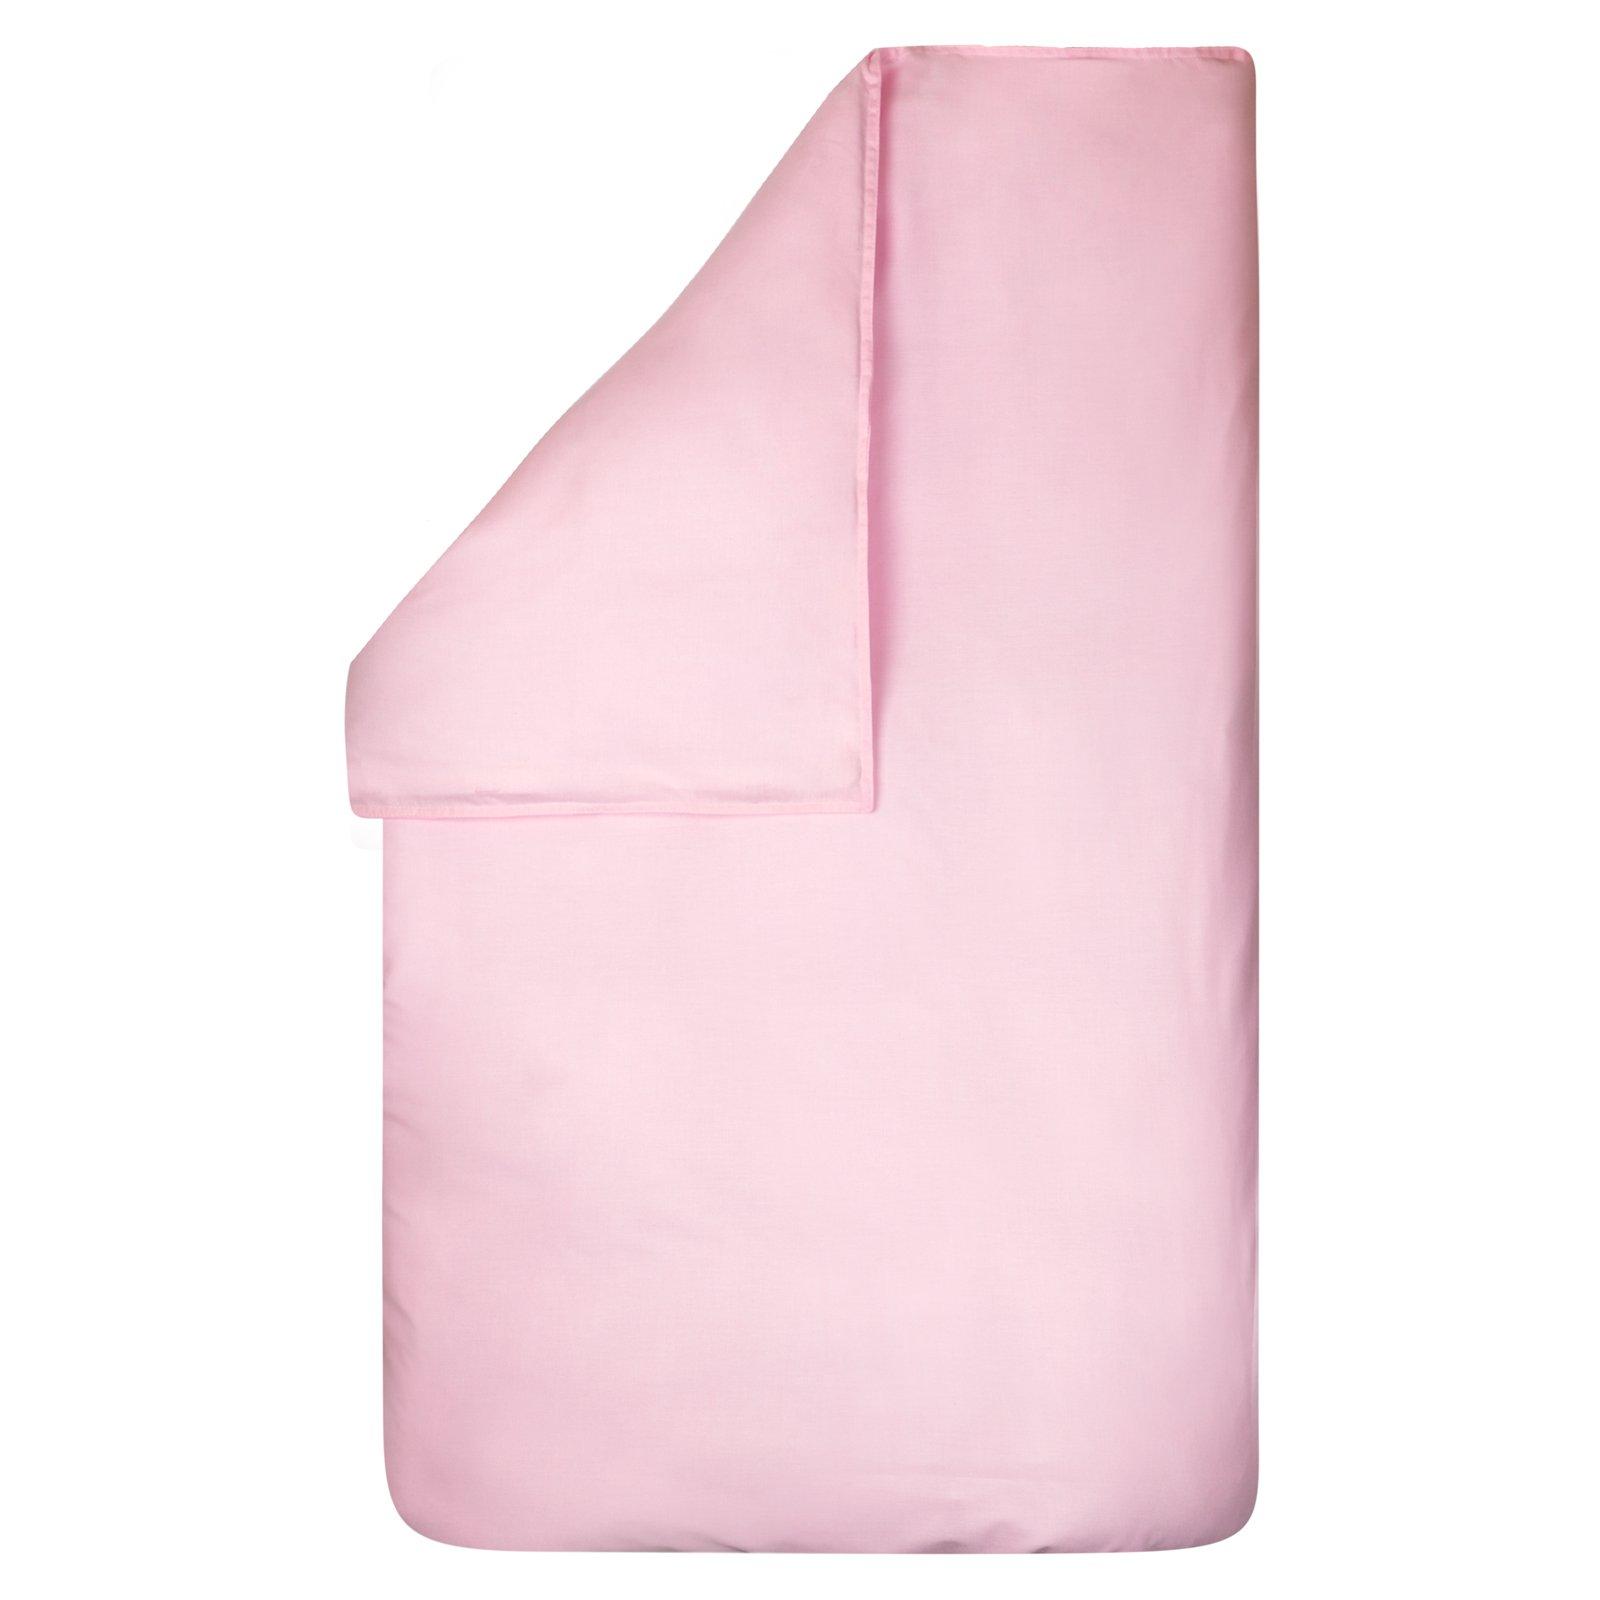 dekbedovertrek Bo roze 100×135